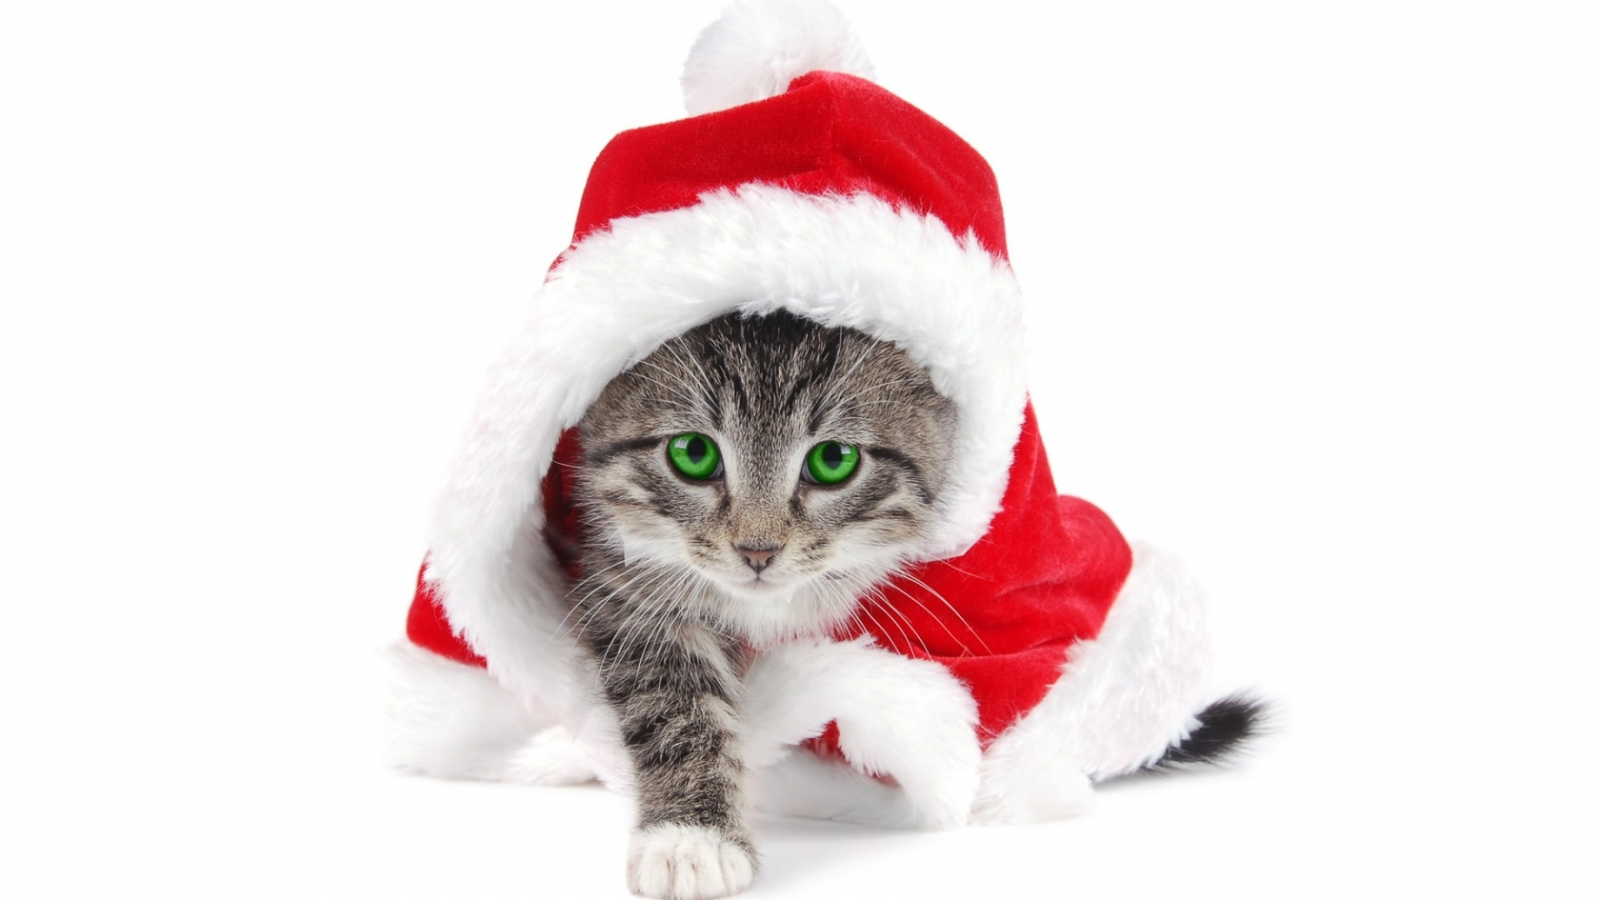 El gato Santa Claus - 1600x900